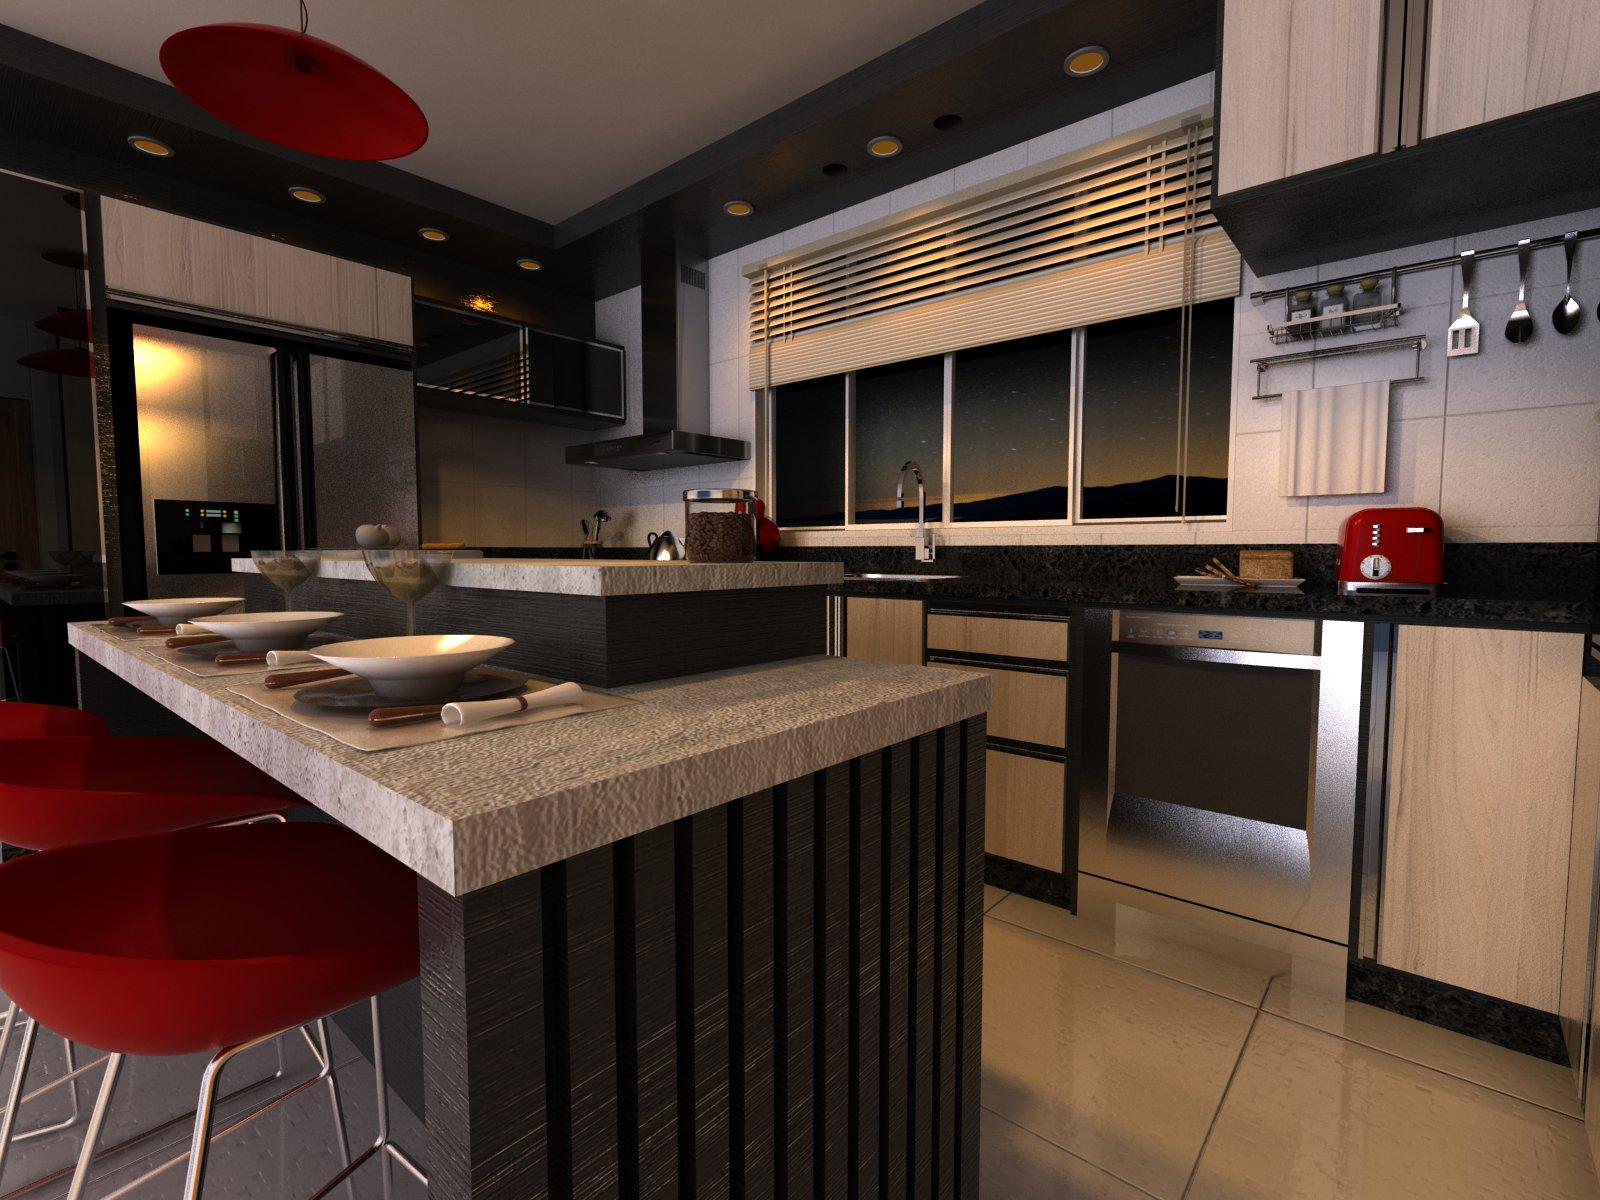 Fórum Projetos em andamento Cozinha com Ilha – Analise  #996732 1600 1200